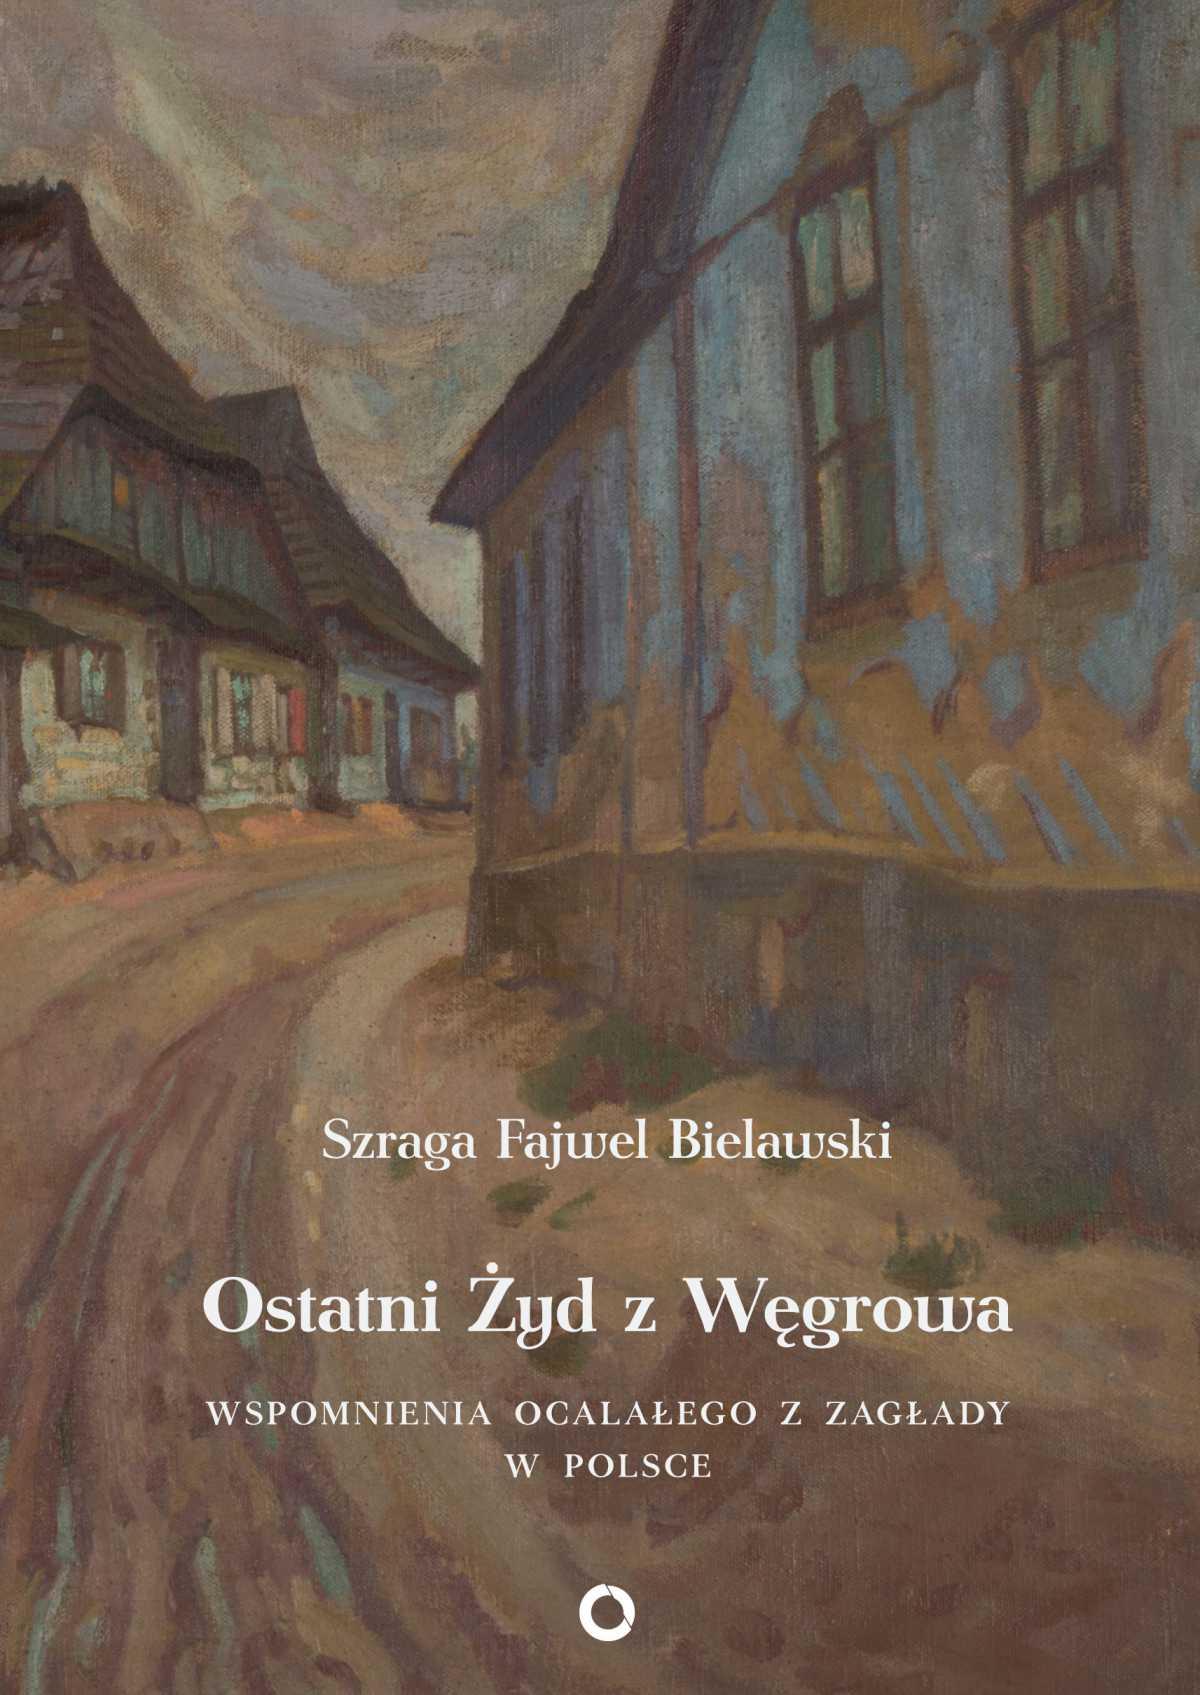 Ostatni Żyd z Węgrowa. Wspomnienia ocalałego z Zagłady - Ebook (Książka EPUB) do pobrania w formacie EPUB